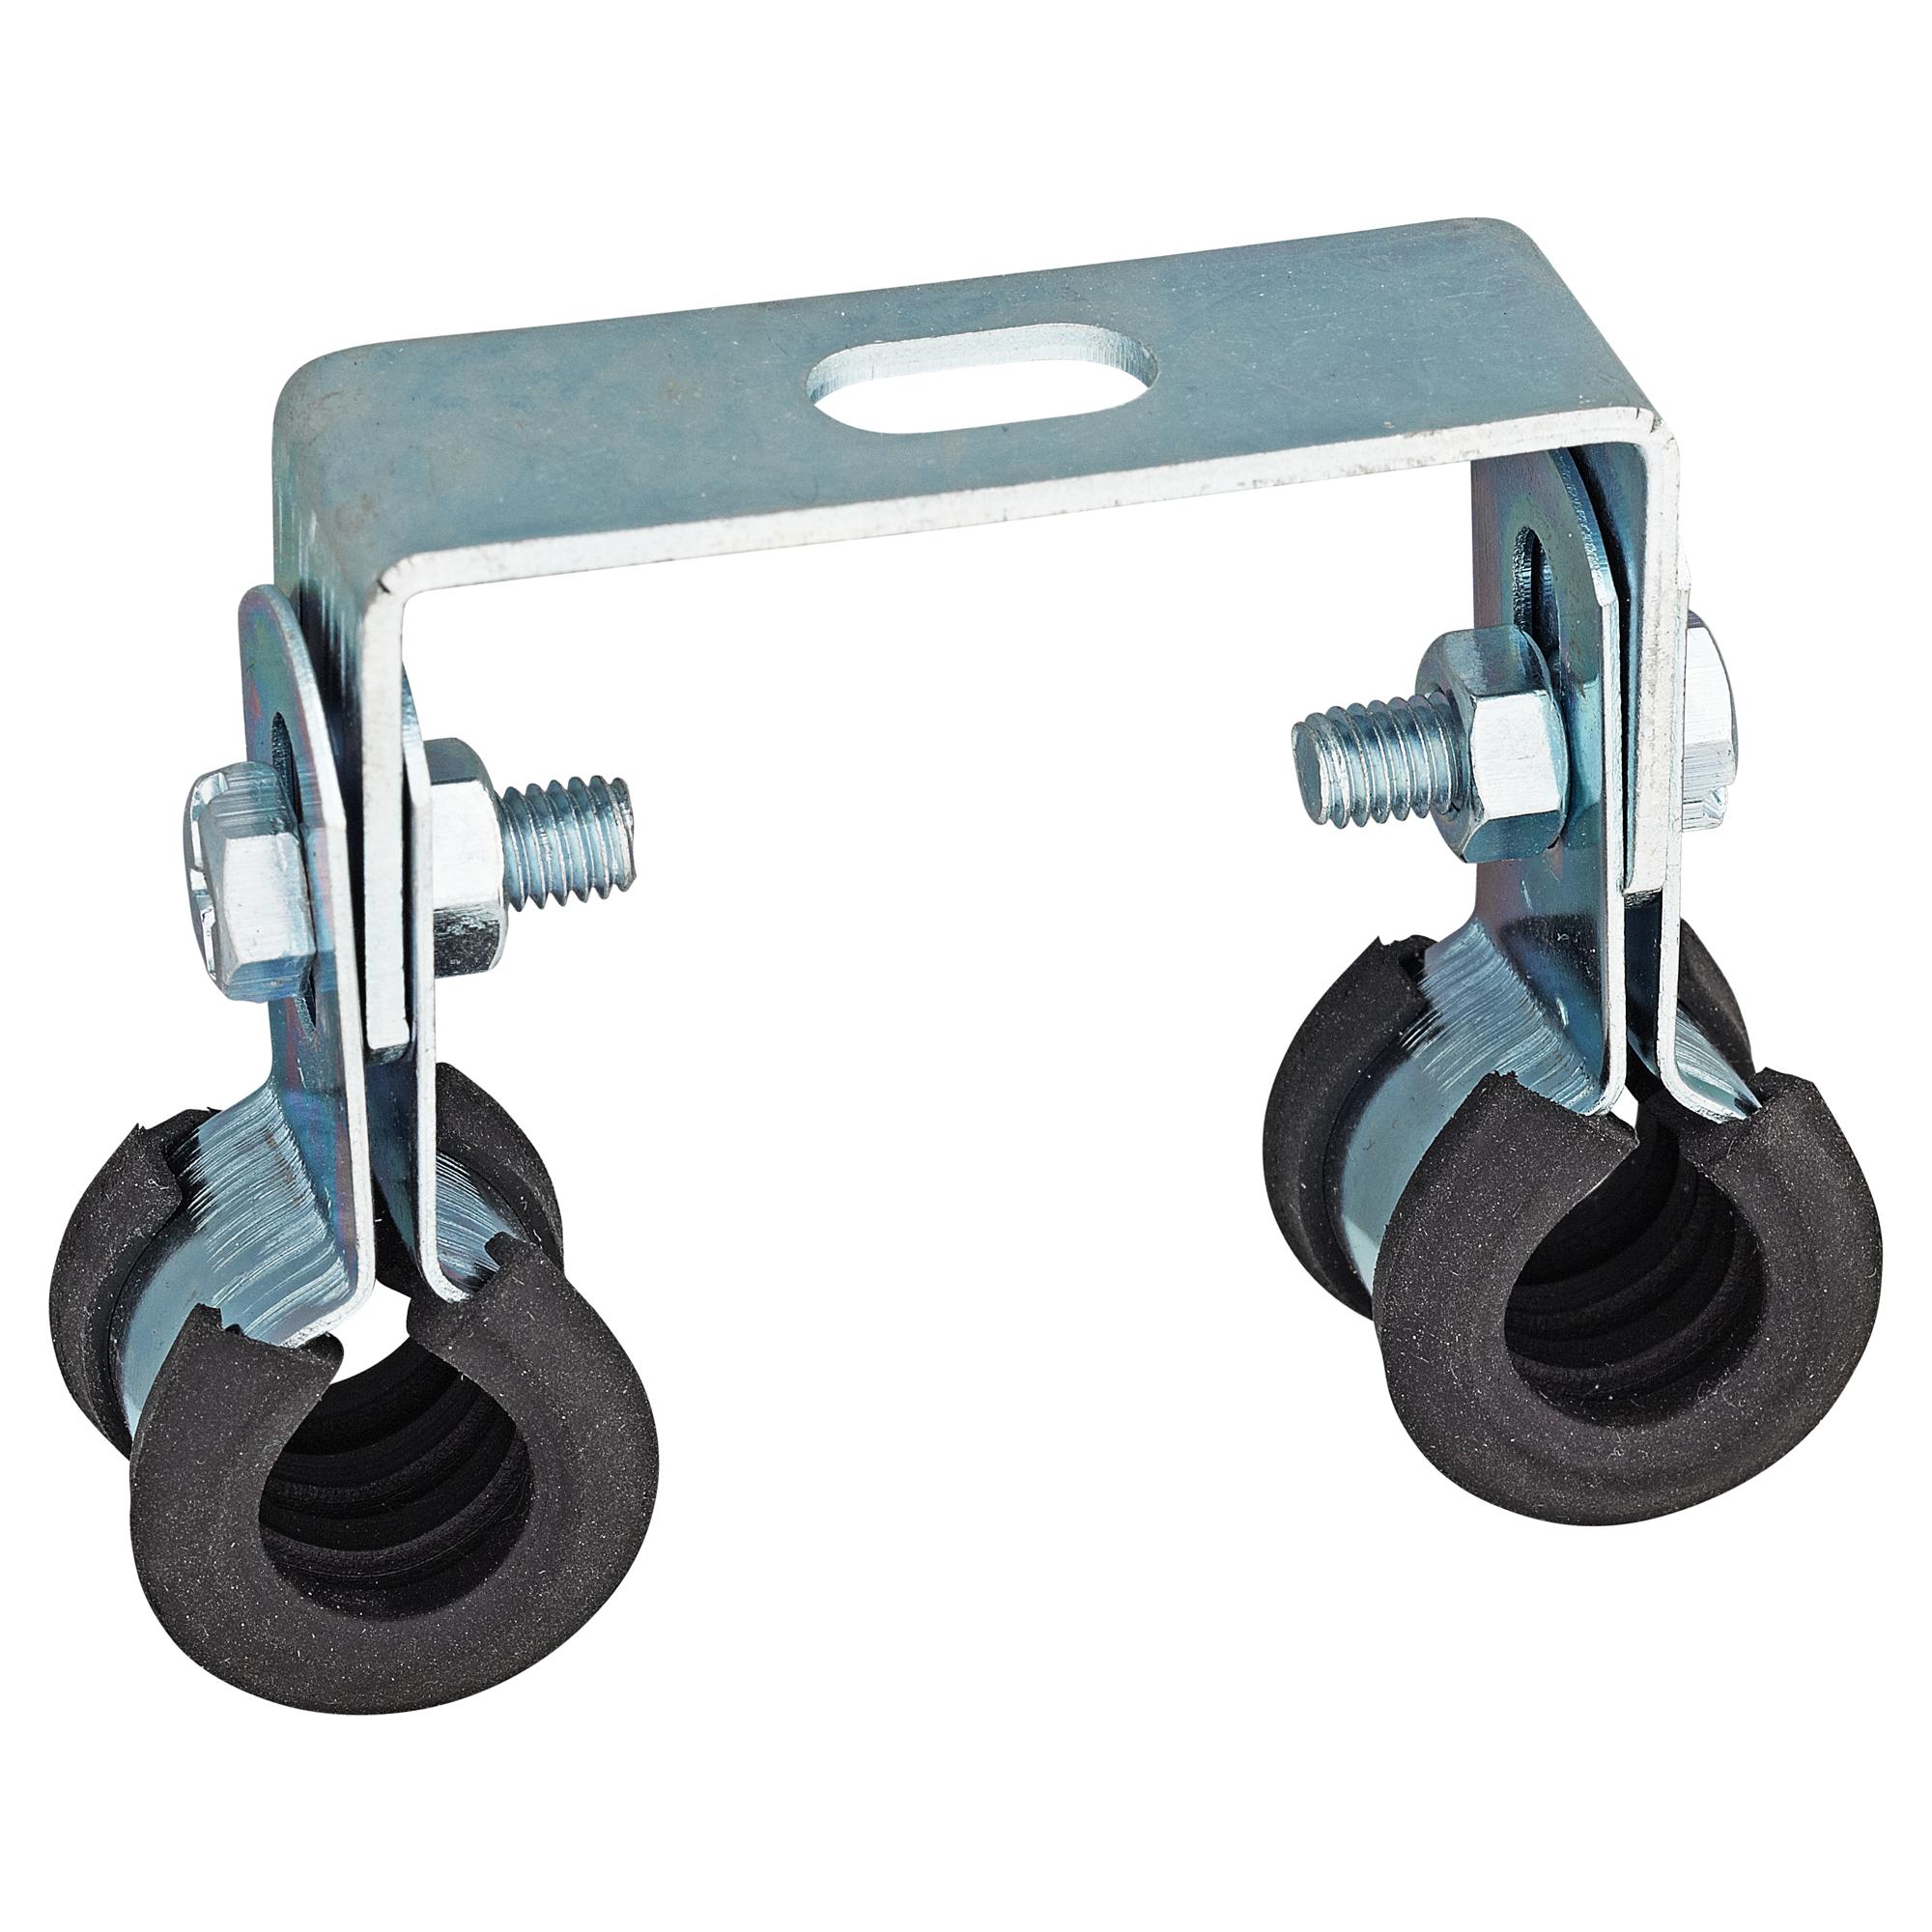 Doppel-Rohrschelle für 2x 12 mm Rohr Hydraulik SET mit 10 Stück